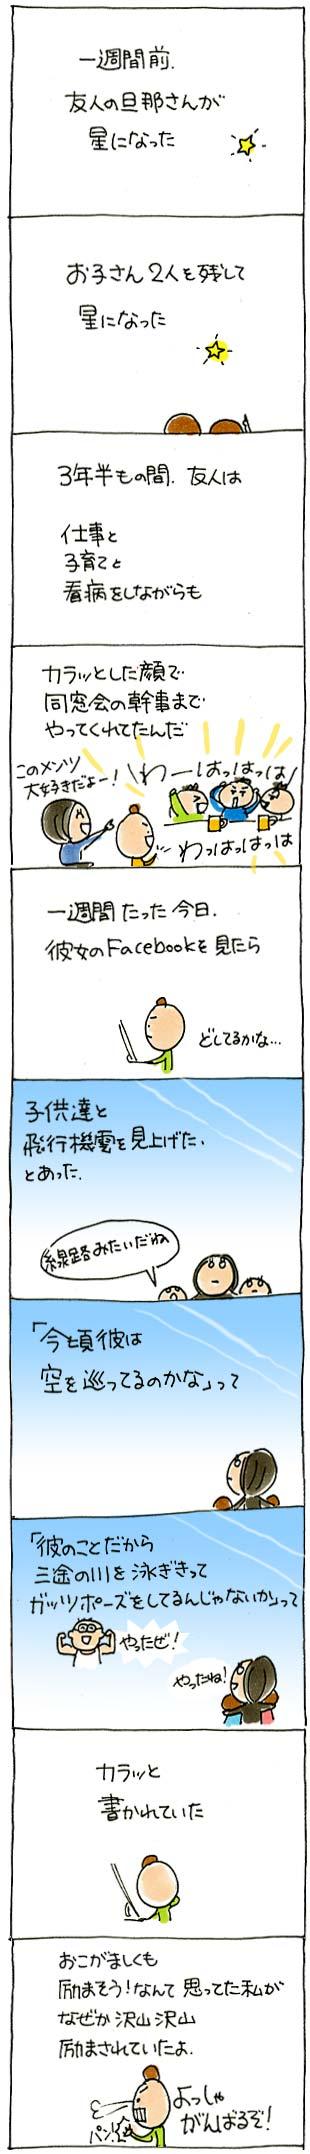 yukichann